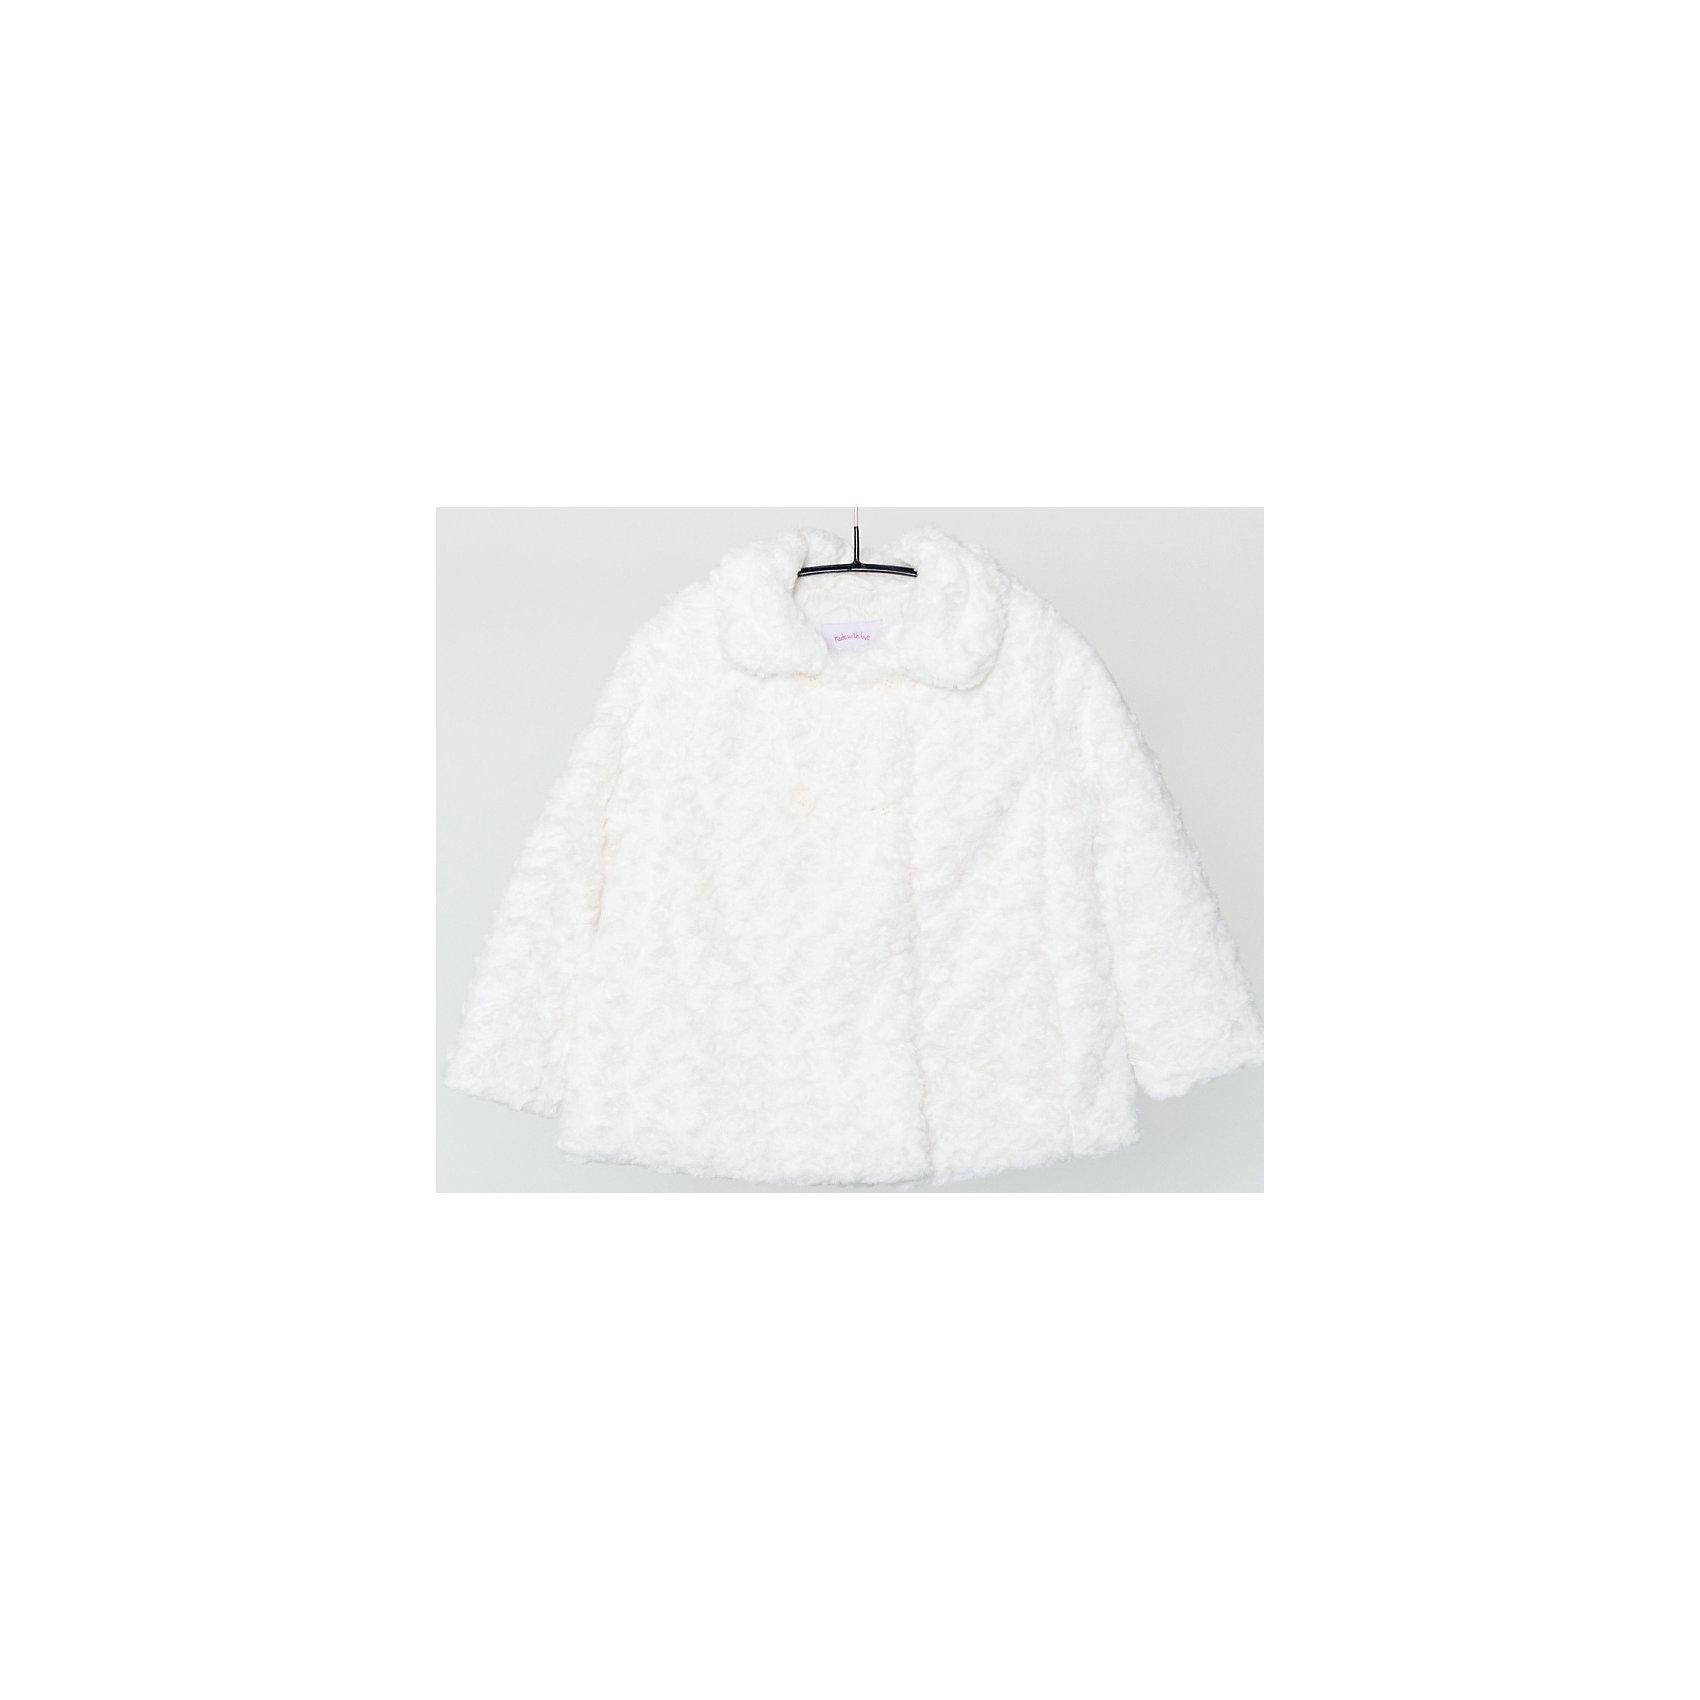 Пальто для девочки SELAСтильное пальто - незаменимая вещь в прохладное время года. Эта модель отлично сидит на ребенке, она сшита из плотного материала, позволяет гулять и проводить время на свежем воздухе. Подкладка и утеплитель обеспечивают ребенку комфорт. Модель слегка укорочена.<br>Одежда от бренда Sela (Села) - это качество по приемлемым ценам. Многие российские родители уже оценили преимущества продукции этой компании и всё чаще приобретают одежду и аксессуары Sela.<br><br>Дополнительная информация:<br><br>укороченная модель;<br>материал: 100% ПЭ; подкладка:100% ПЭ; утеплитель:100% ПЭ; отделка:100% slub хлопок;<br>силуэт трапециевидный.<br><br>Пальто для девочки от бренда Sela можно купить в нашем интернет-магазине.<br><br>Ширина мм: 356<br>Глубина мм: 10<br>Высота мм: 245<br>Вес г: 519<br>Цвет: желтый<br>Возраст от месяцев: 60<br>Возраст до месяцев: 72<br>Пол: Женский<br>Возраст: Детский<br>Размер: 116,98,104,110<br>SKU: 4919369